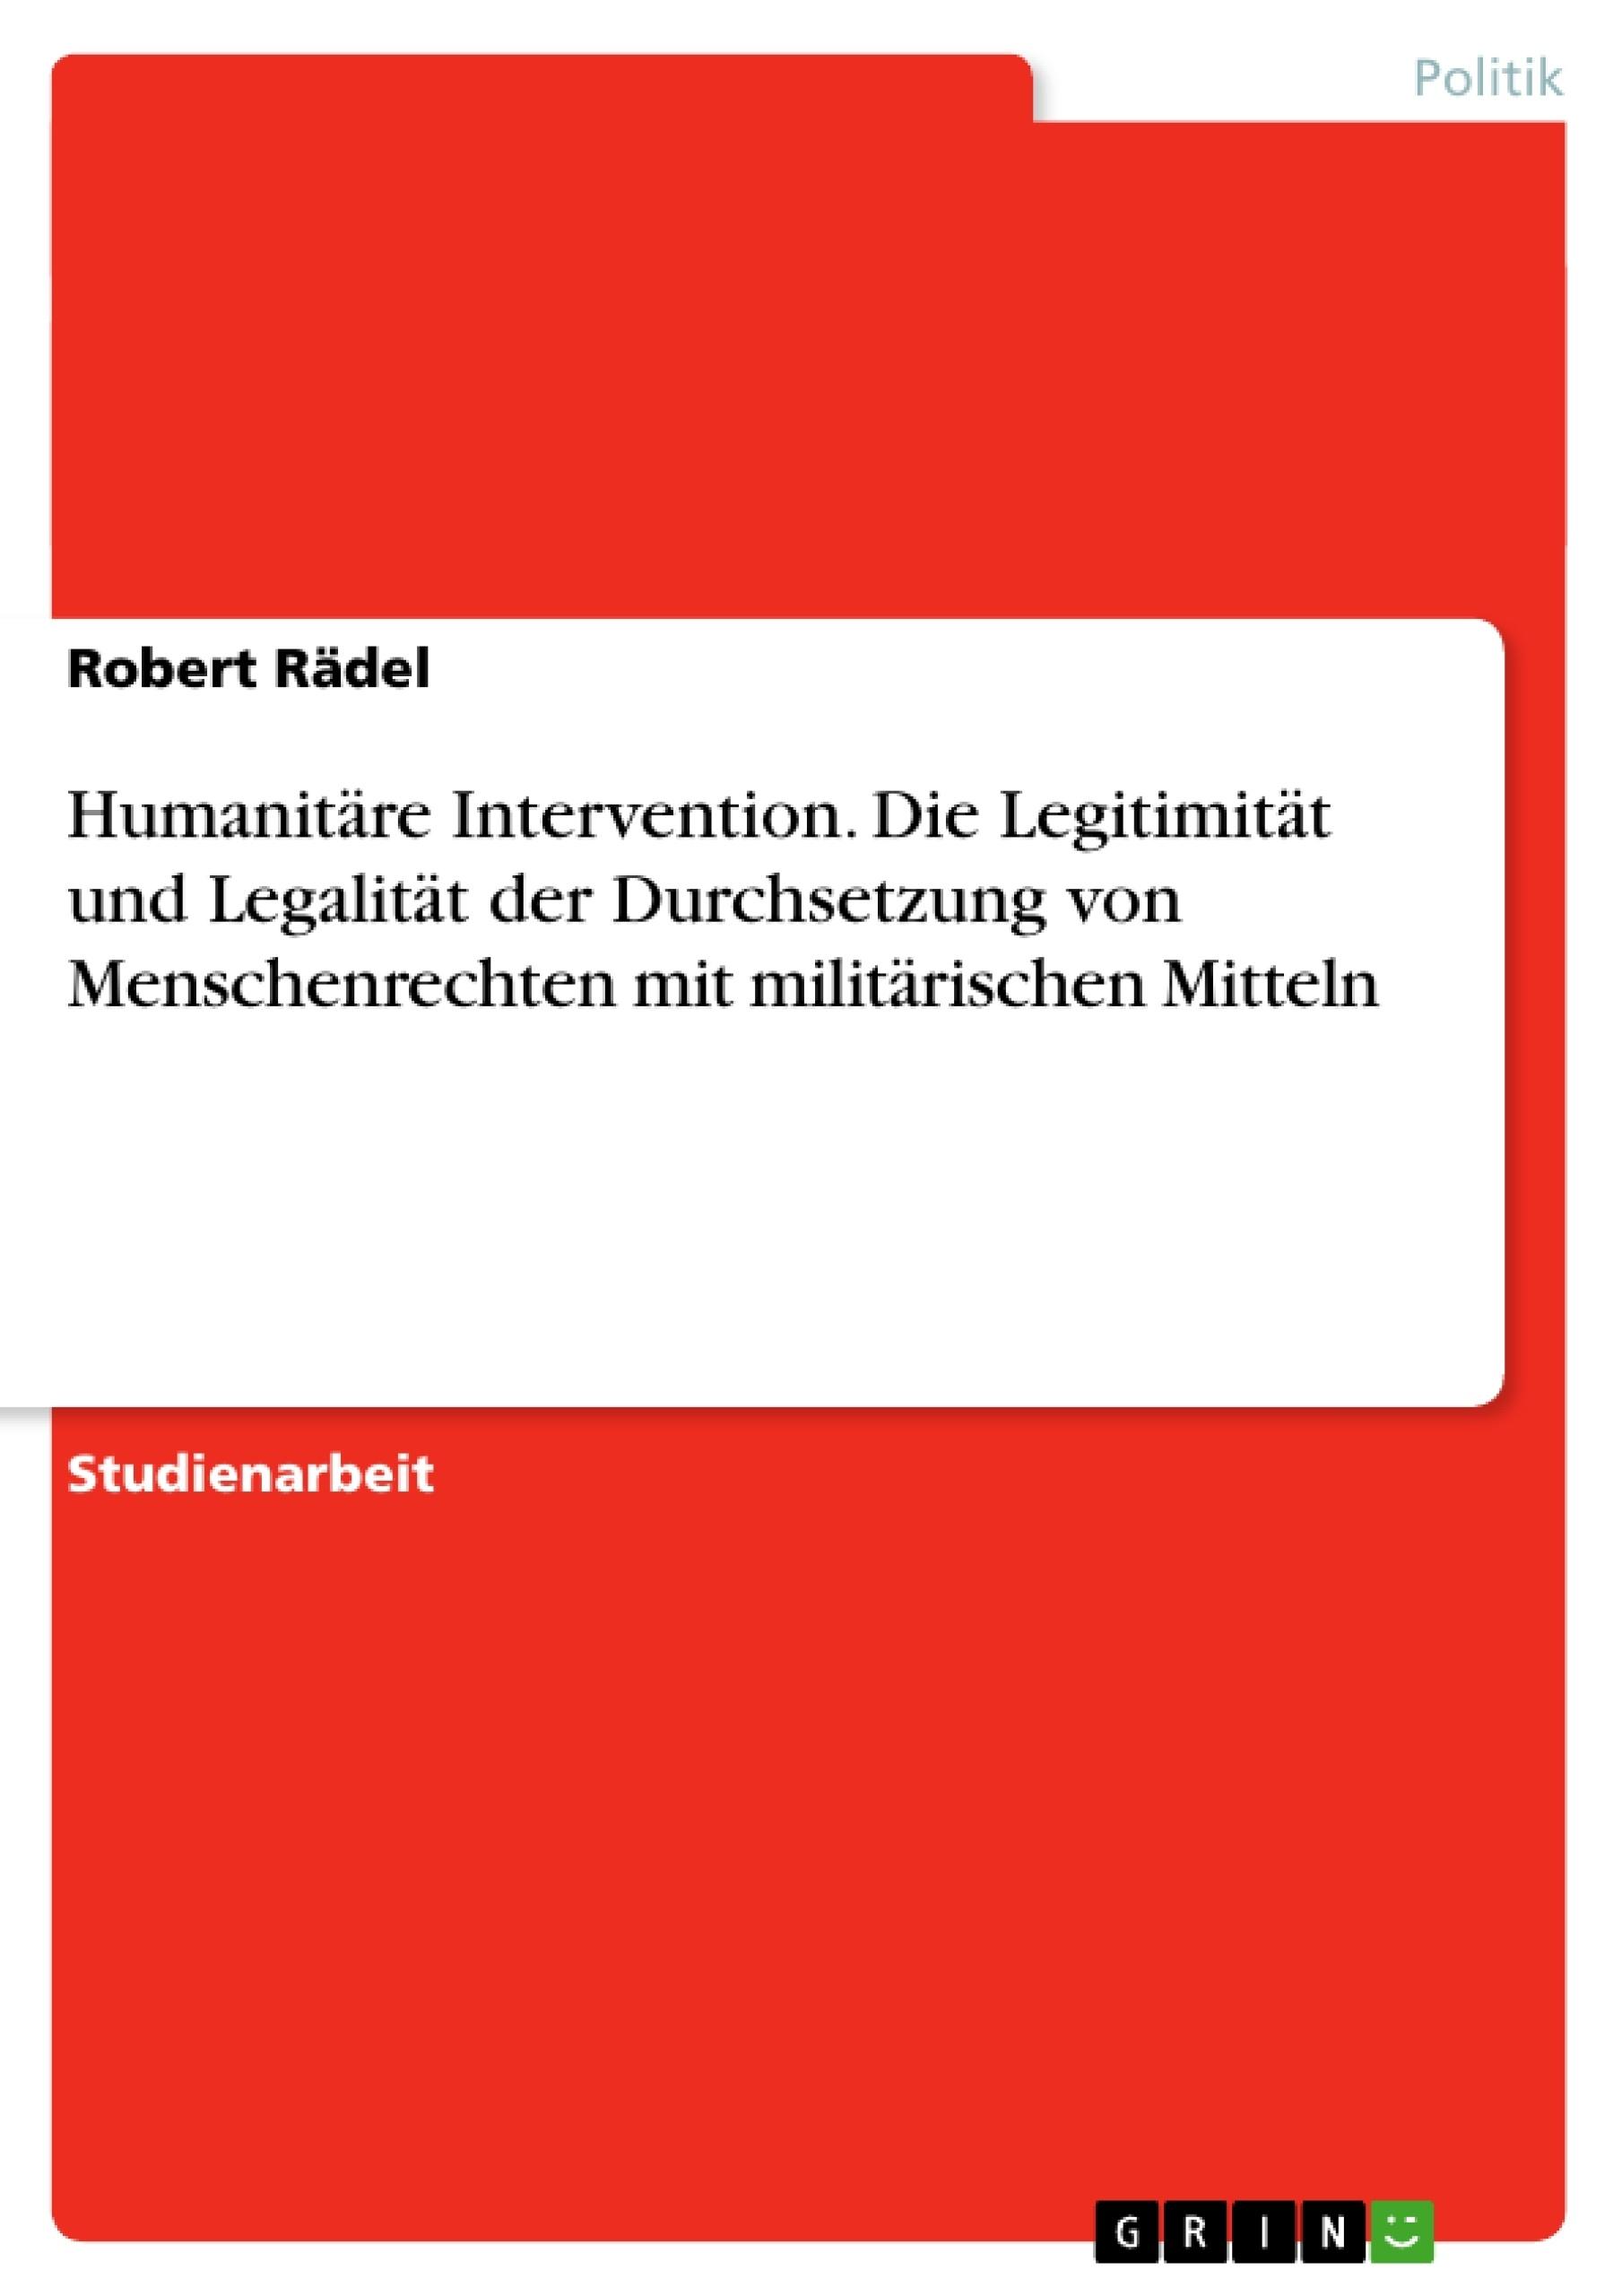 Titel: Humanitäre Intervention. Die Legitimität und Legalität der Durchsetzung von Menschenrechten mit militärischen Mitteln